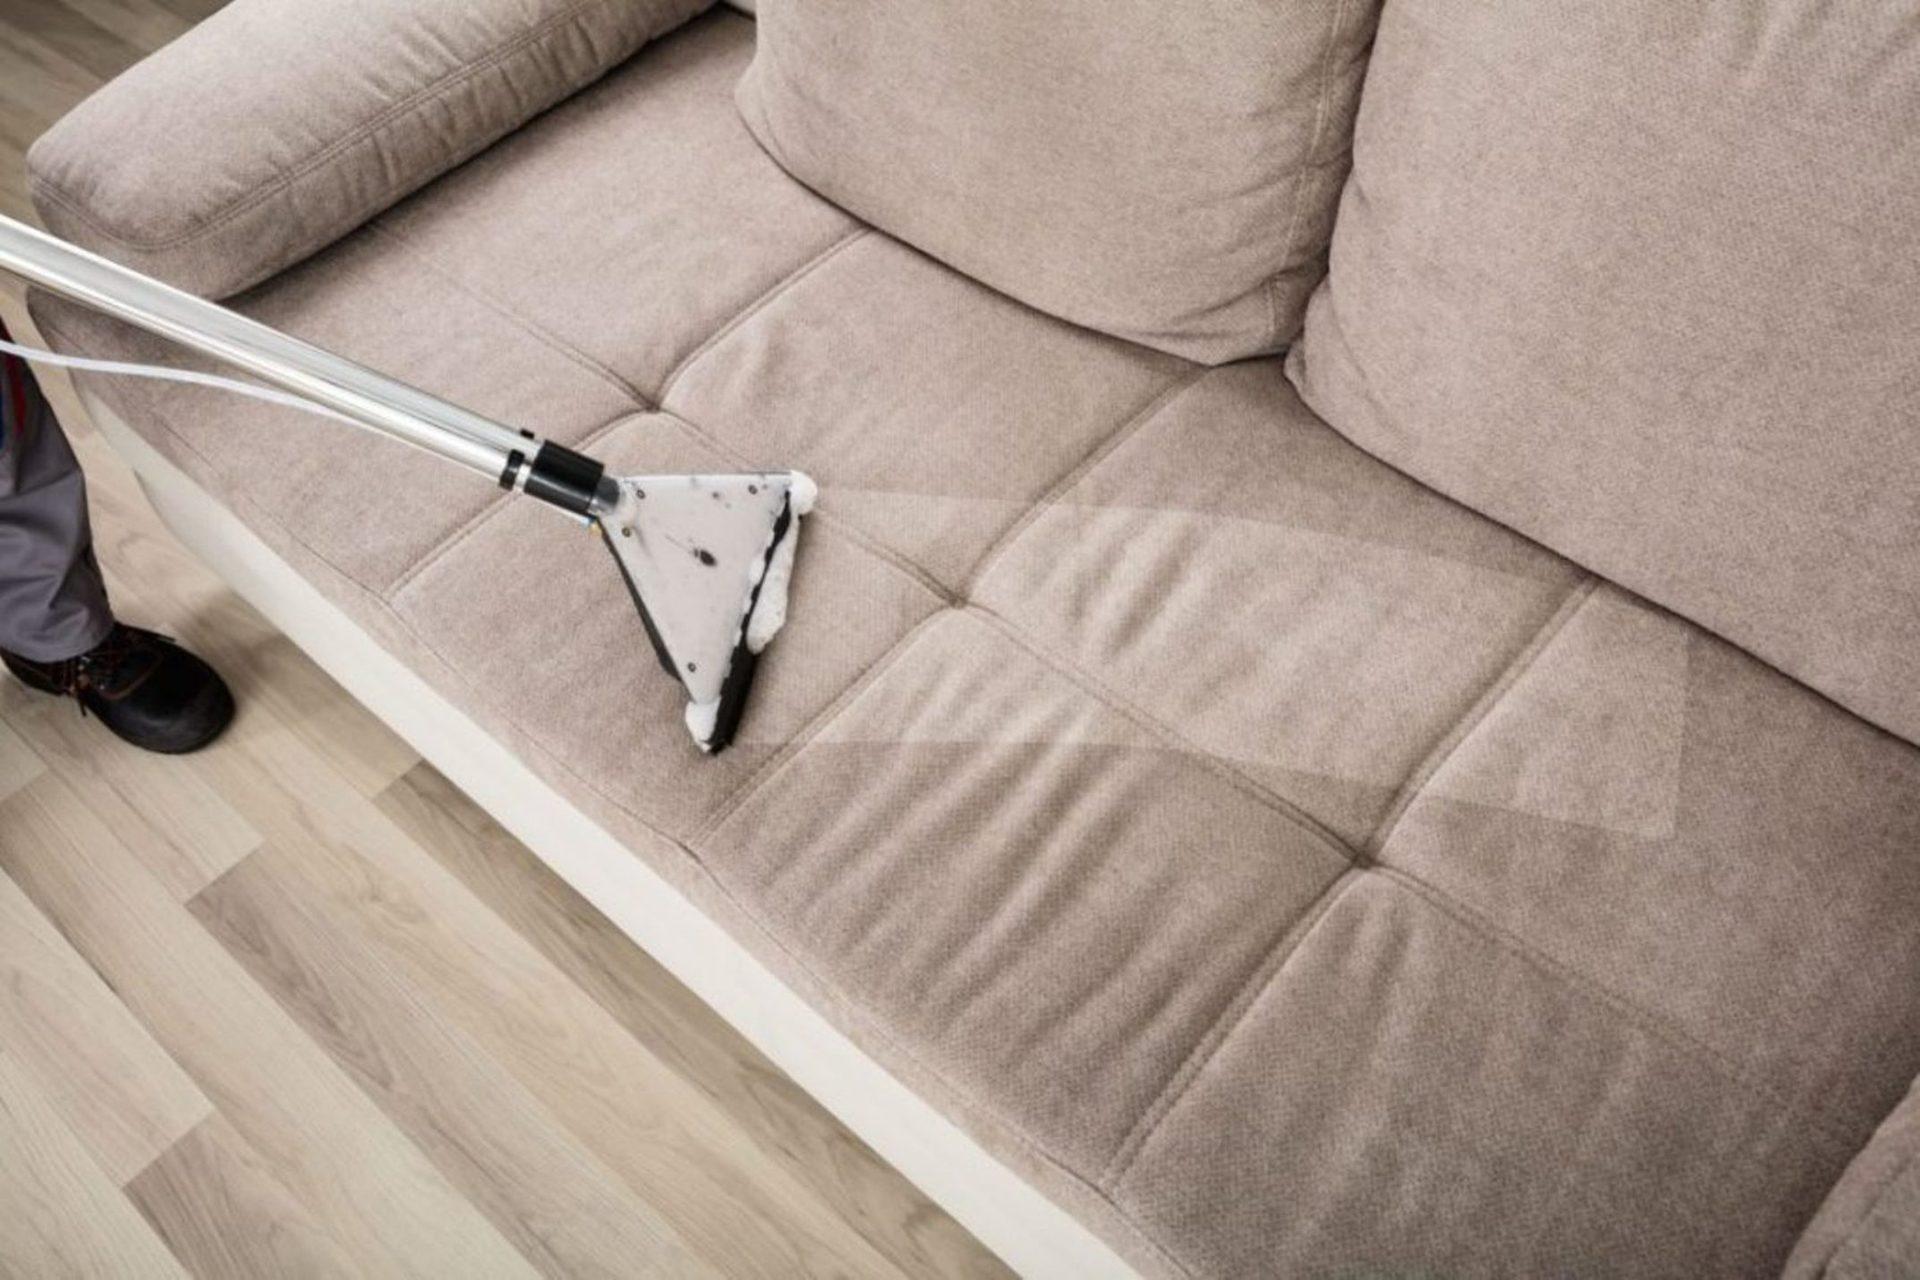 Как чистить мягкую мебель с разной обивкой